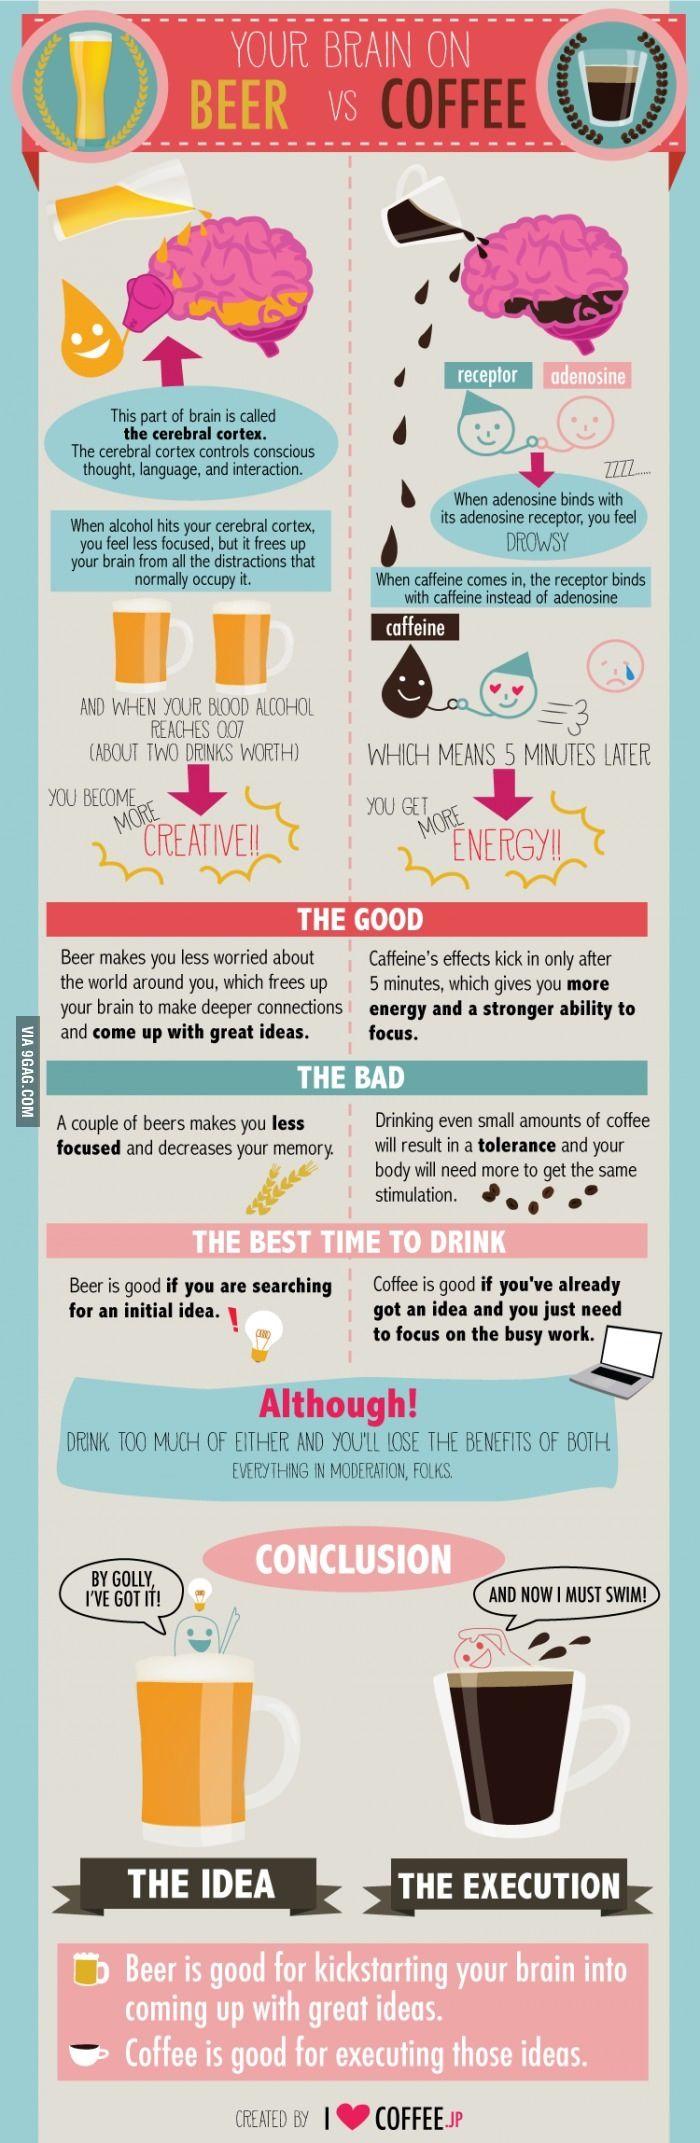 Hur påverkas hjärnan av alkohol?